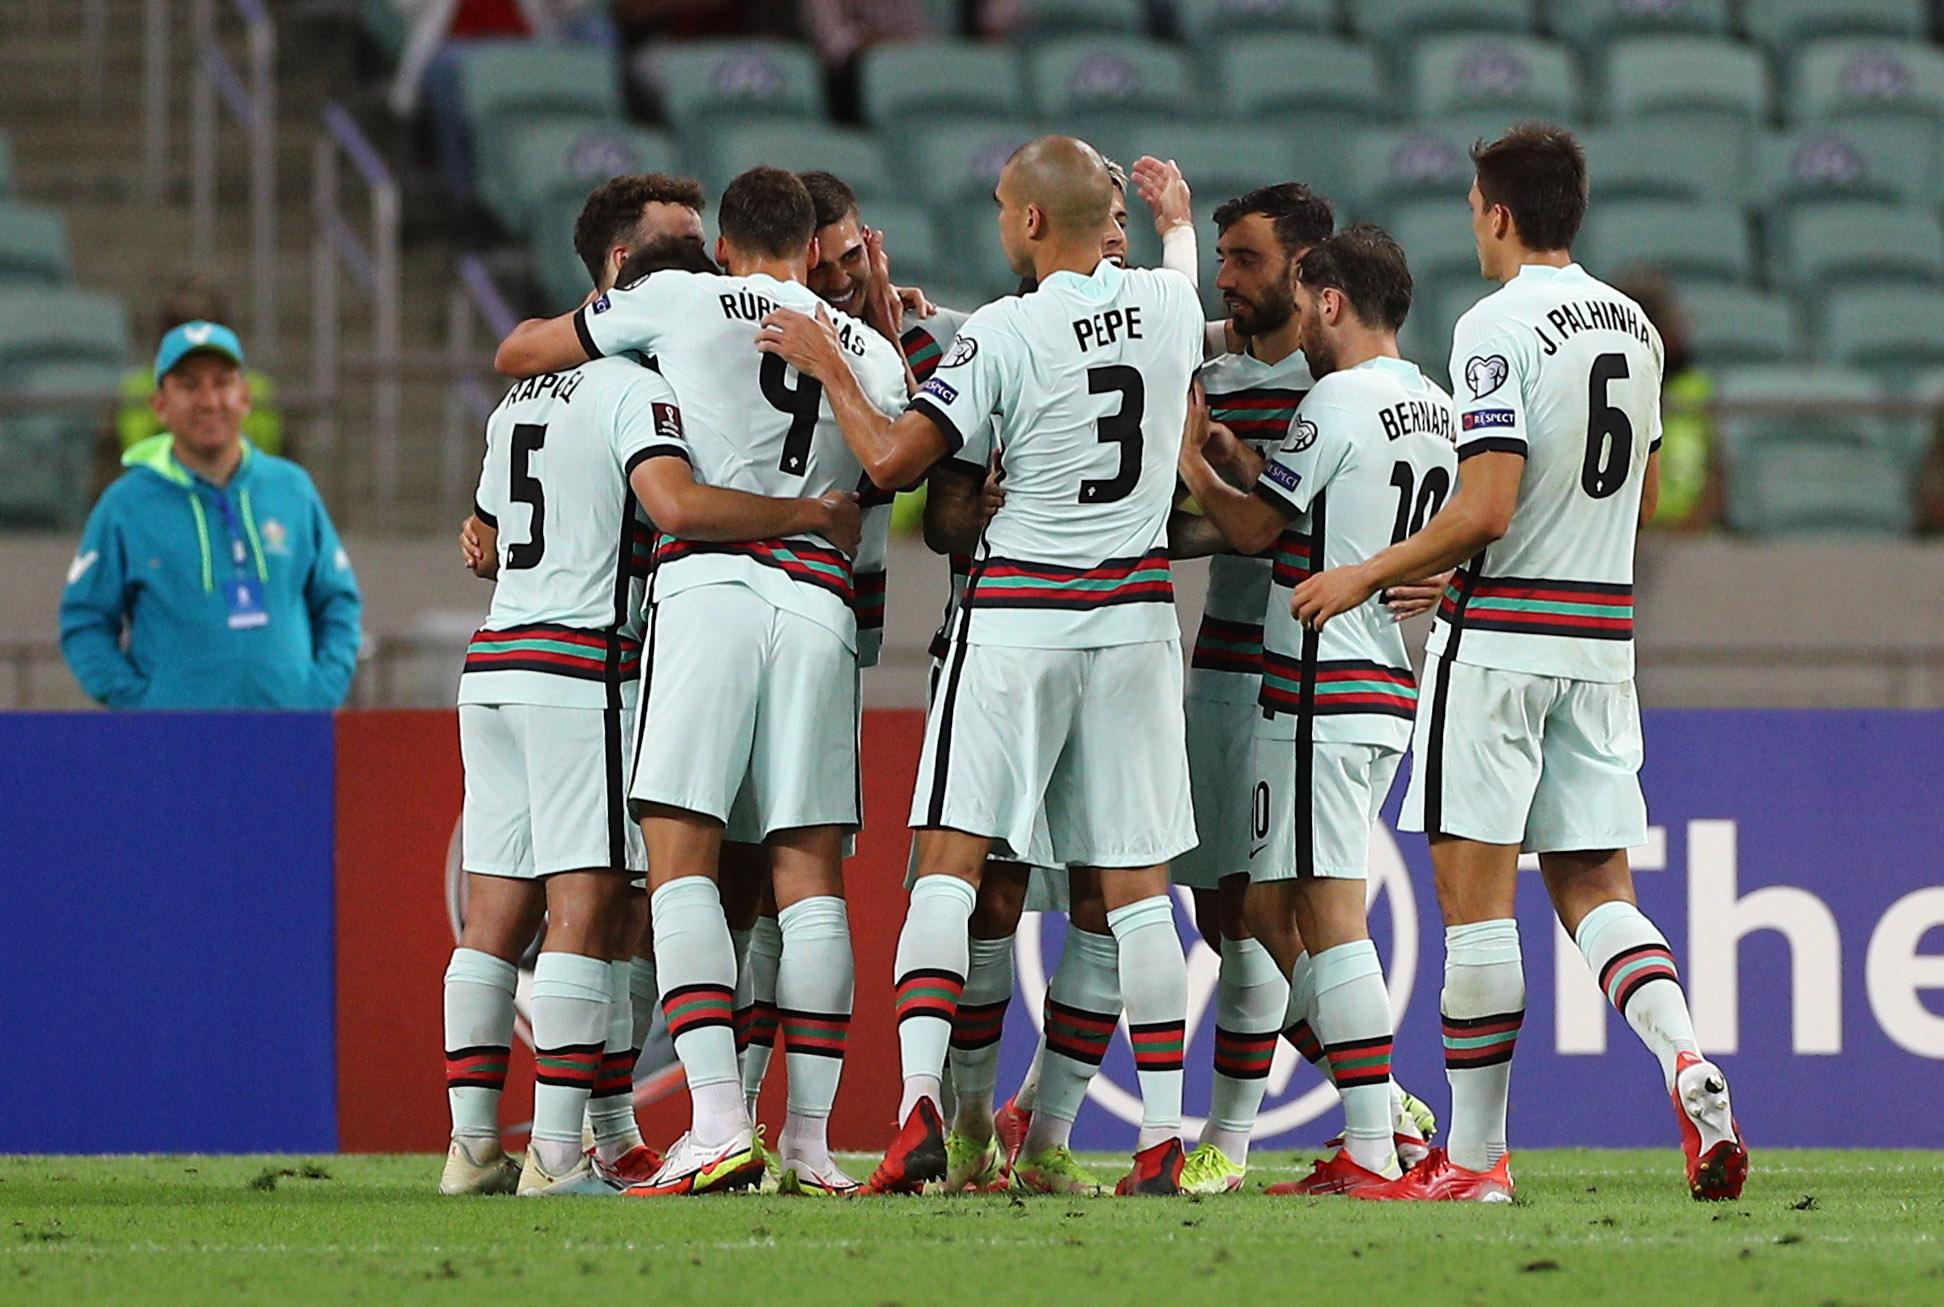 Προκριματικά Παγκοσμίου Κυπέλλου: Φοβερό γκολ Σίλβα στο Αζερμπαϊτζάν – Πορτογαλία